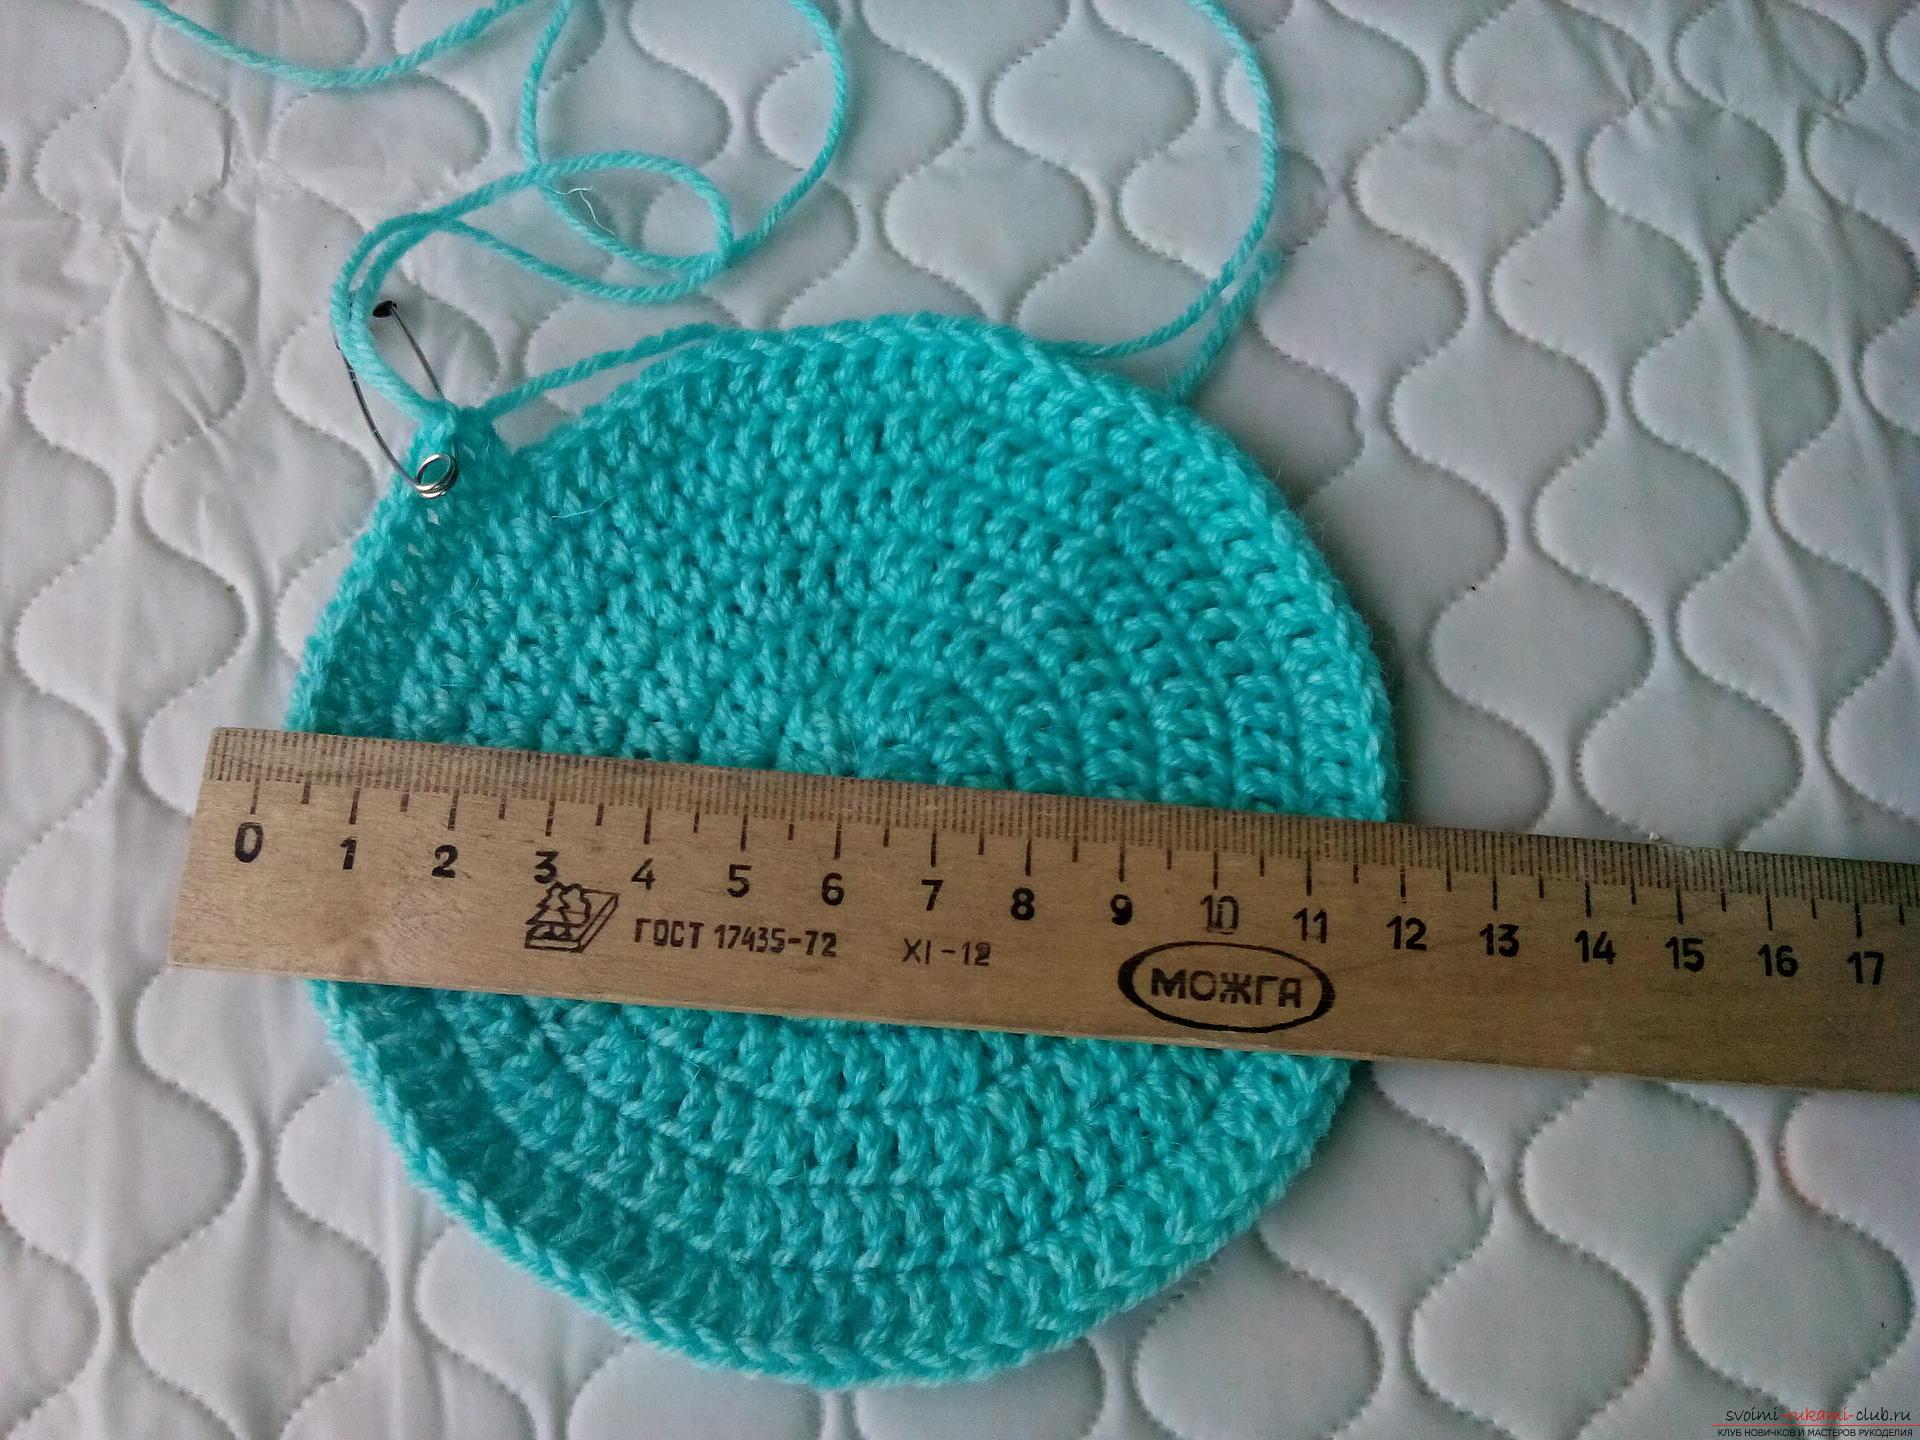 Пошаговое описание и фото вязания крючком комплекта для мальчика из шапочки и шарфа. Фото №4